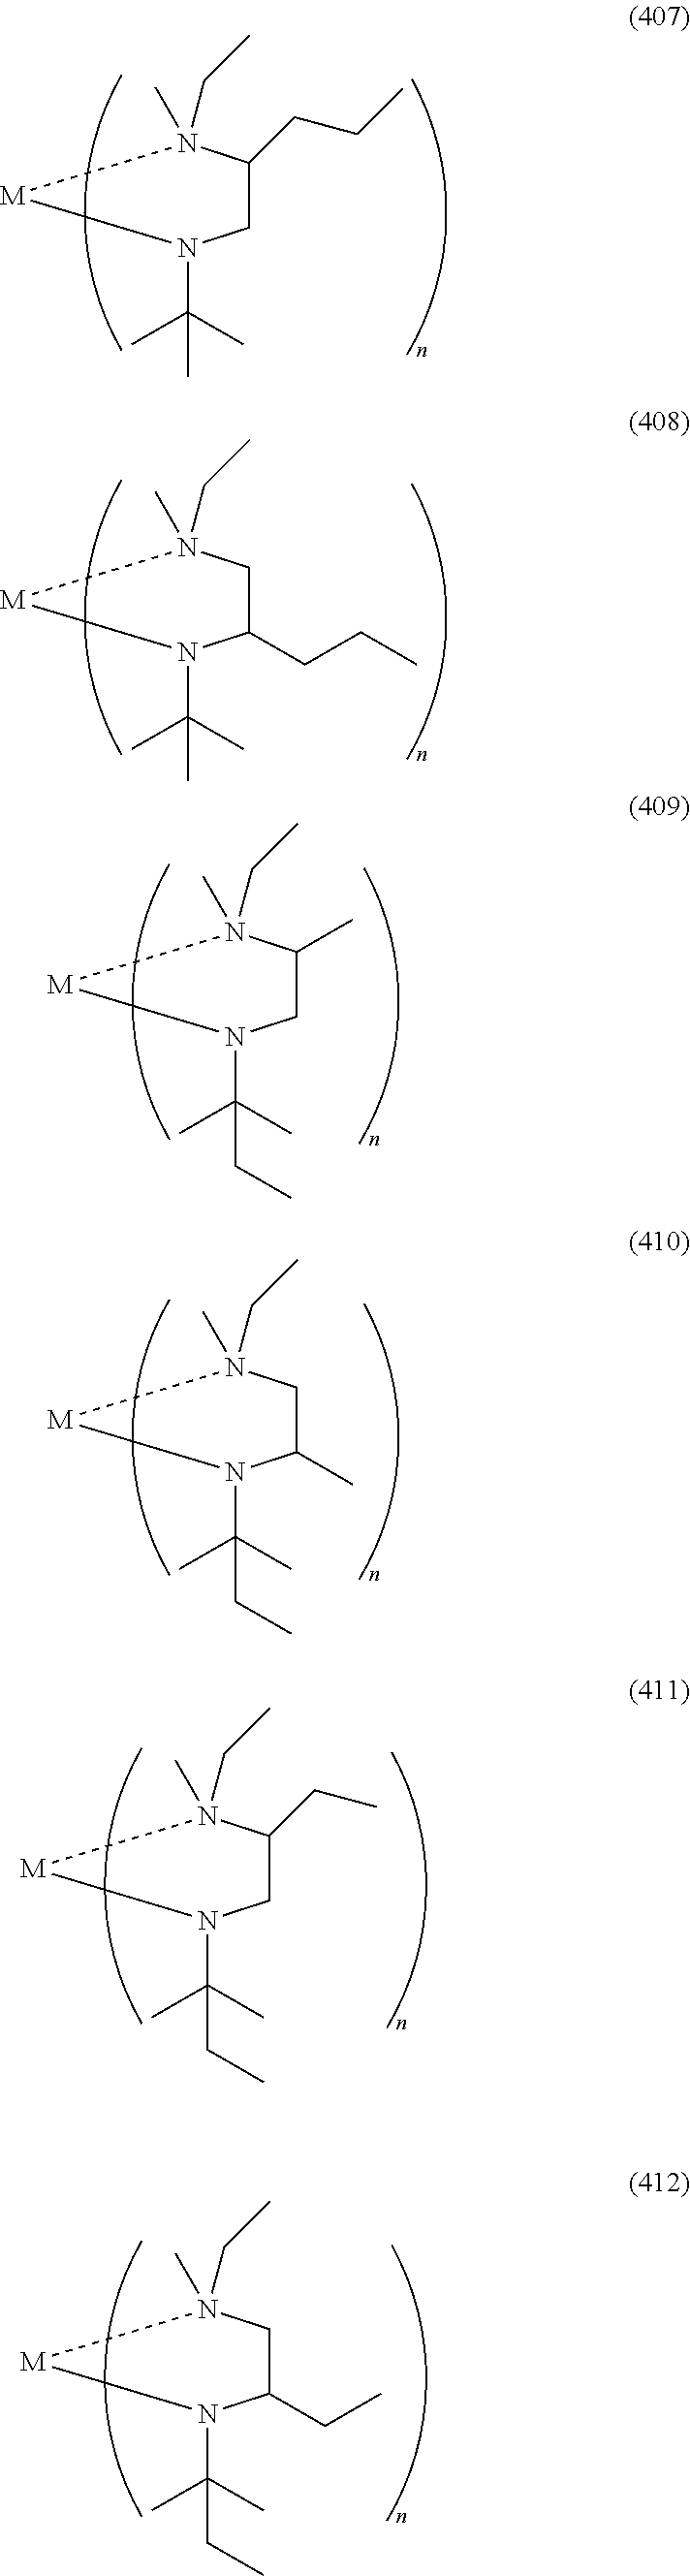 Figure US08871304-20141028-C00077